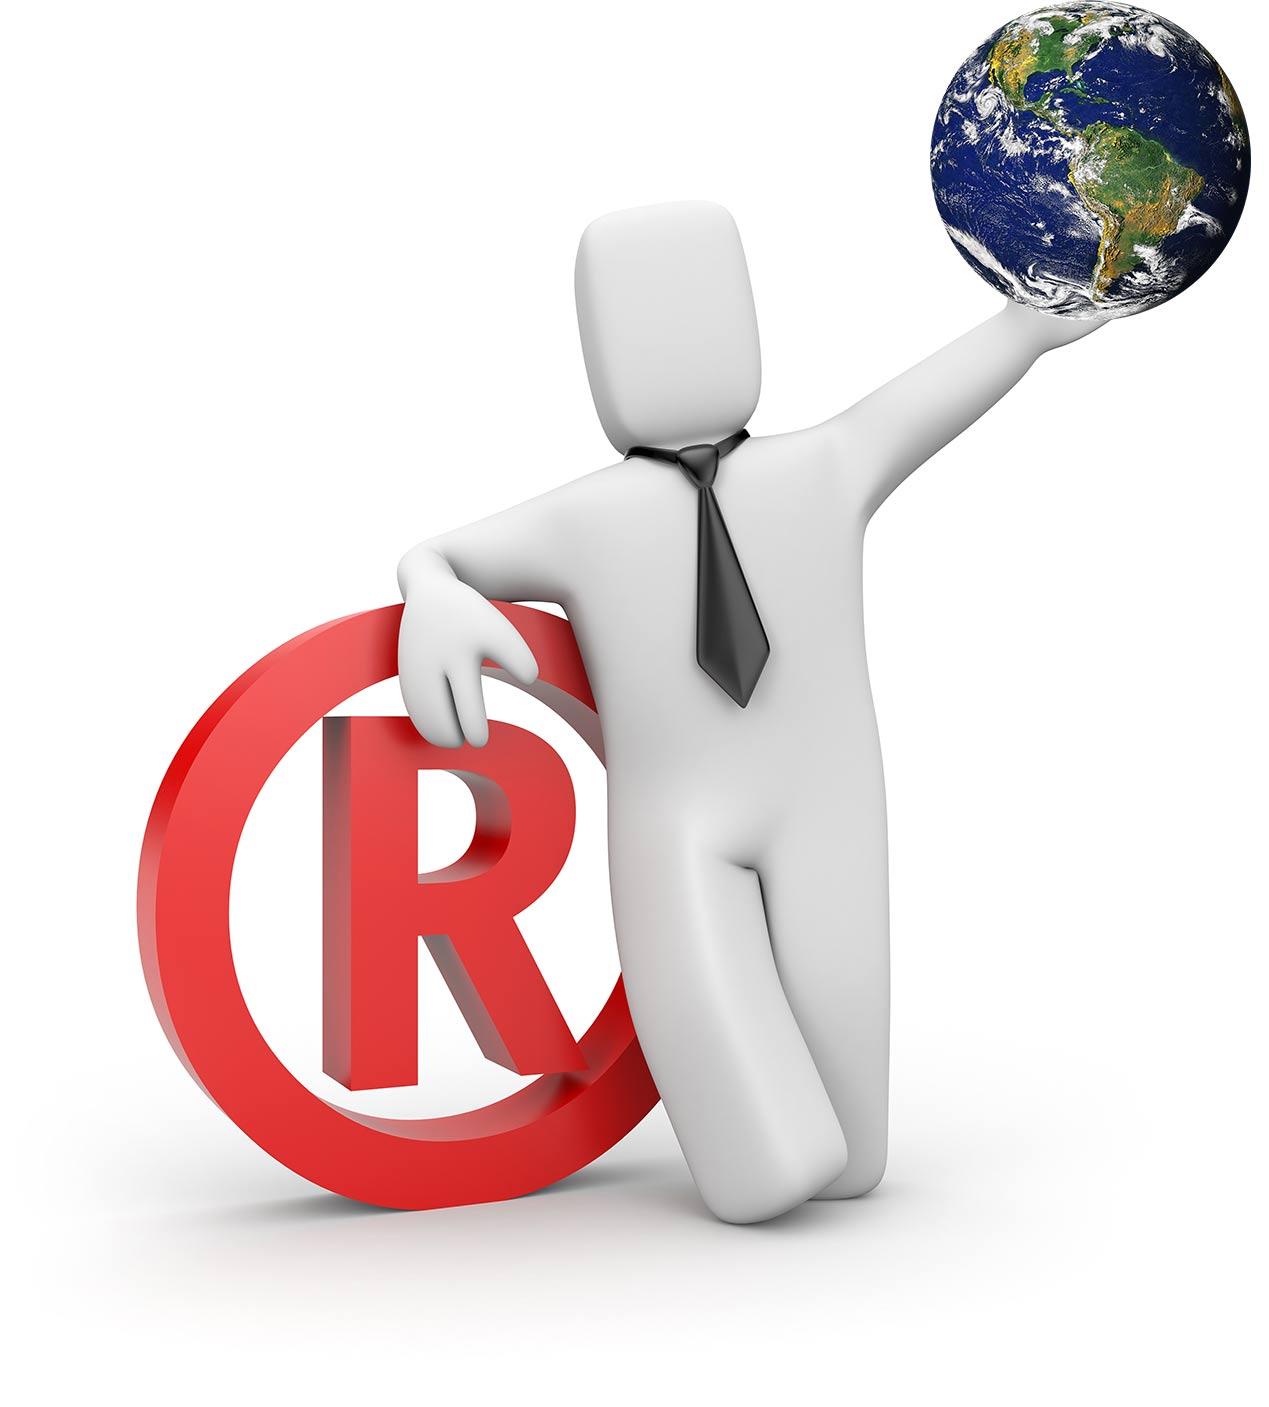 Markenanmeldung International Markenrecht Anwalt Rechtsanwalt Kanzlei Hamburg